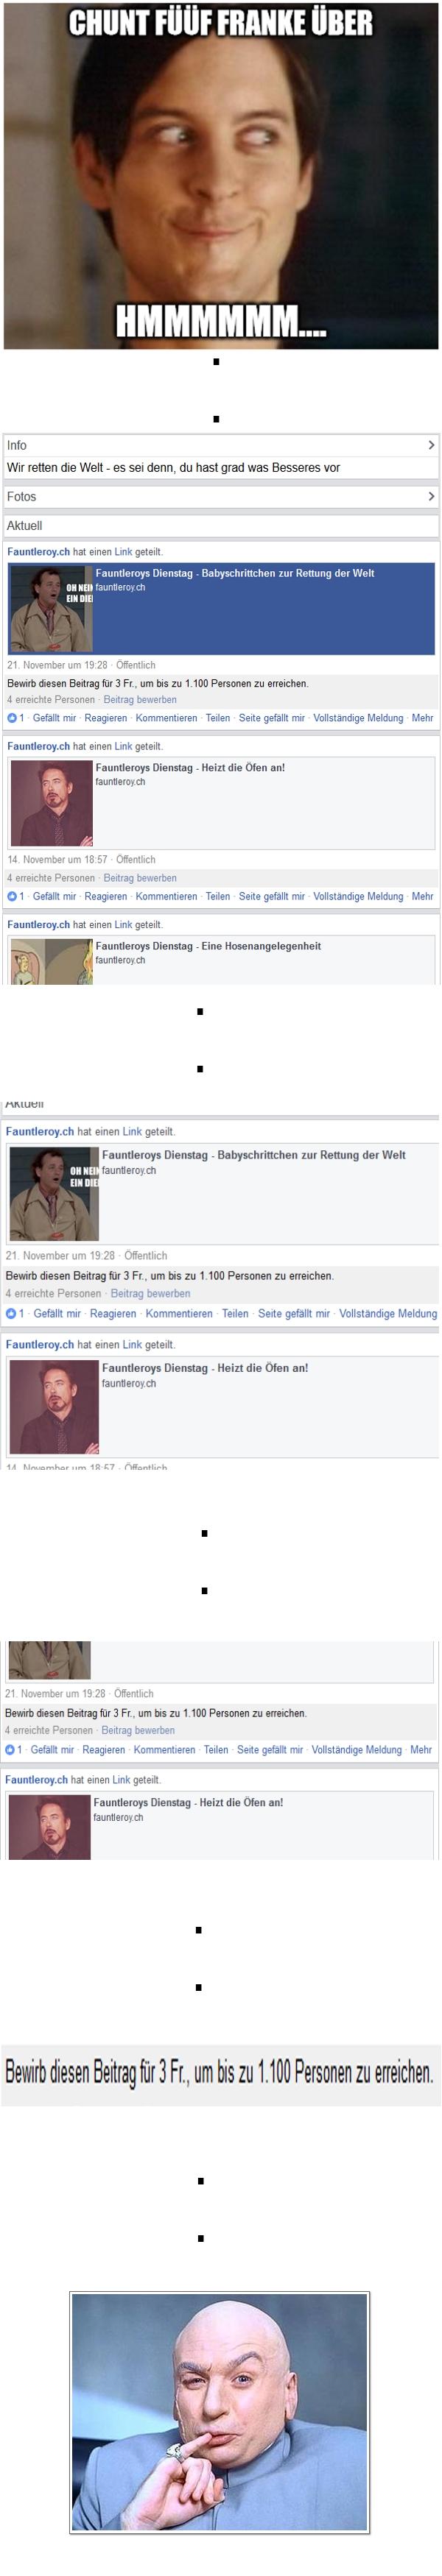 Fauntleroy Rettung der Menschheit Blog Facebook Werbung Spende